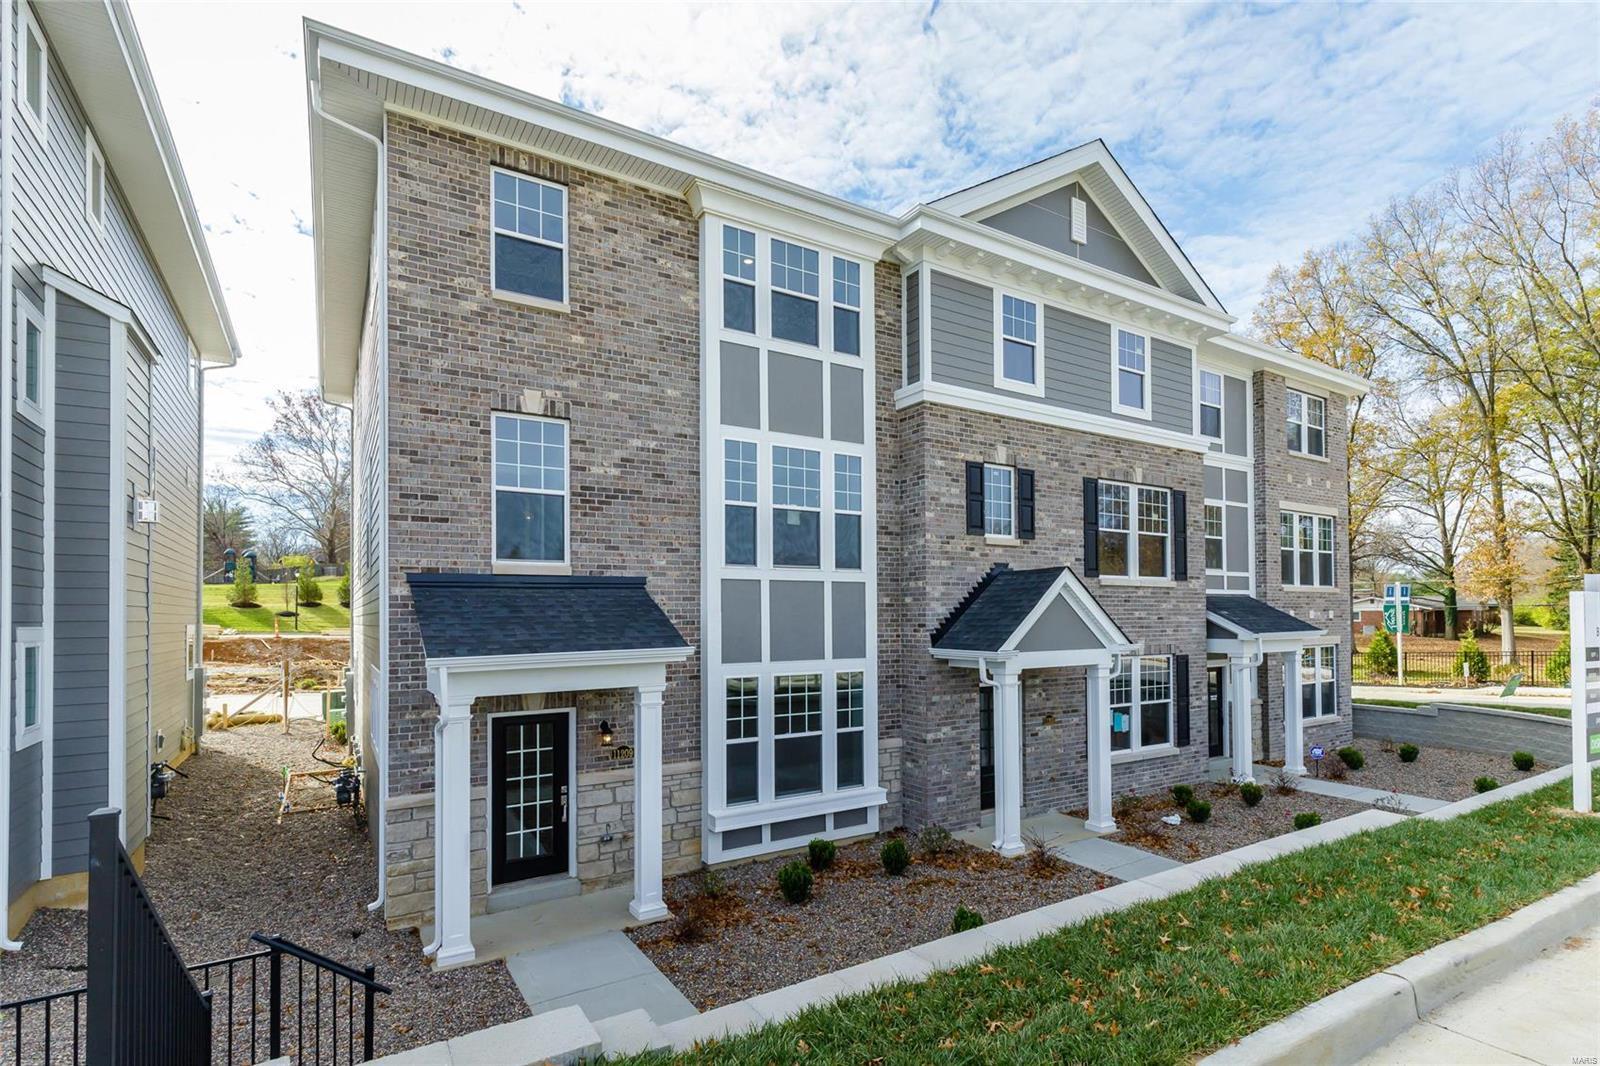 11209 Talamore Circle #3 Property Photo - Frontenac, MO real estate listing